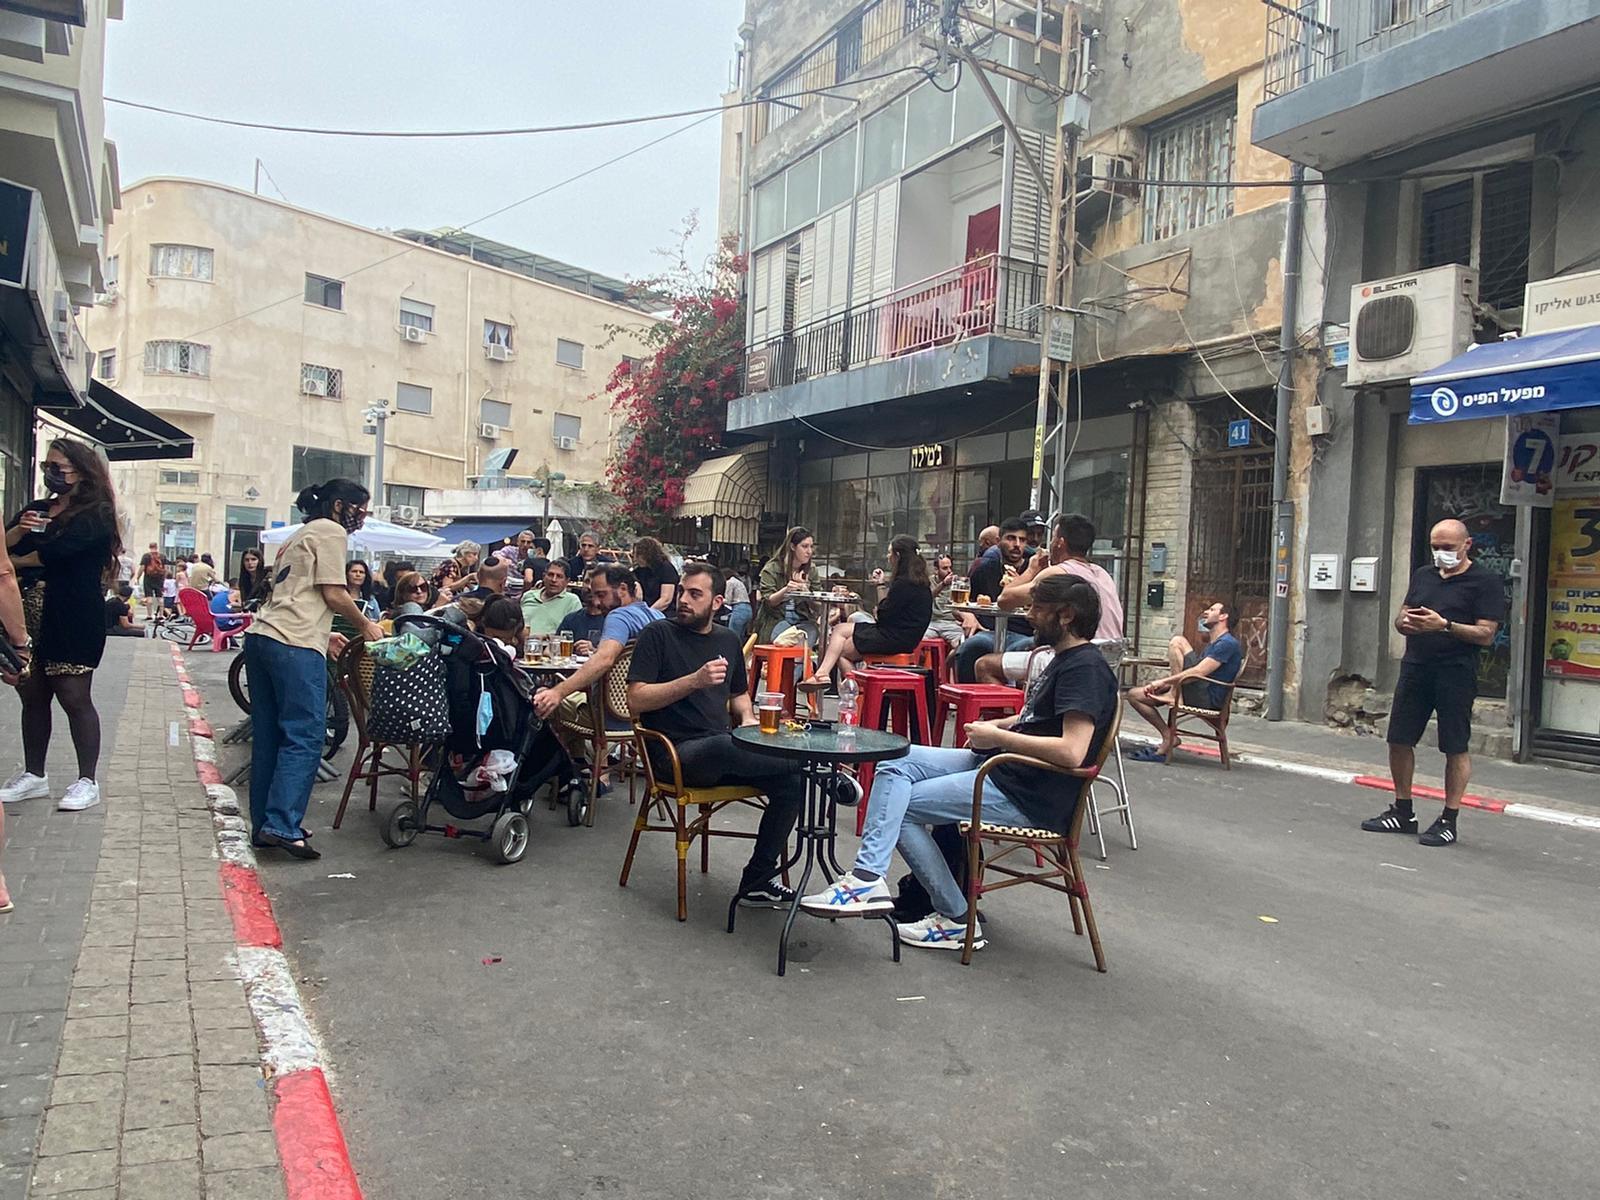 שוק לוינסקי בתל אביב מלא מבקרים / צילום: מיכל רז חיימוביץ